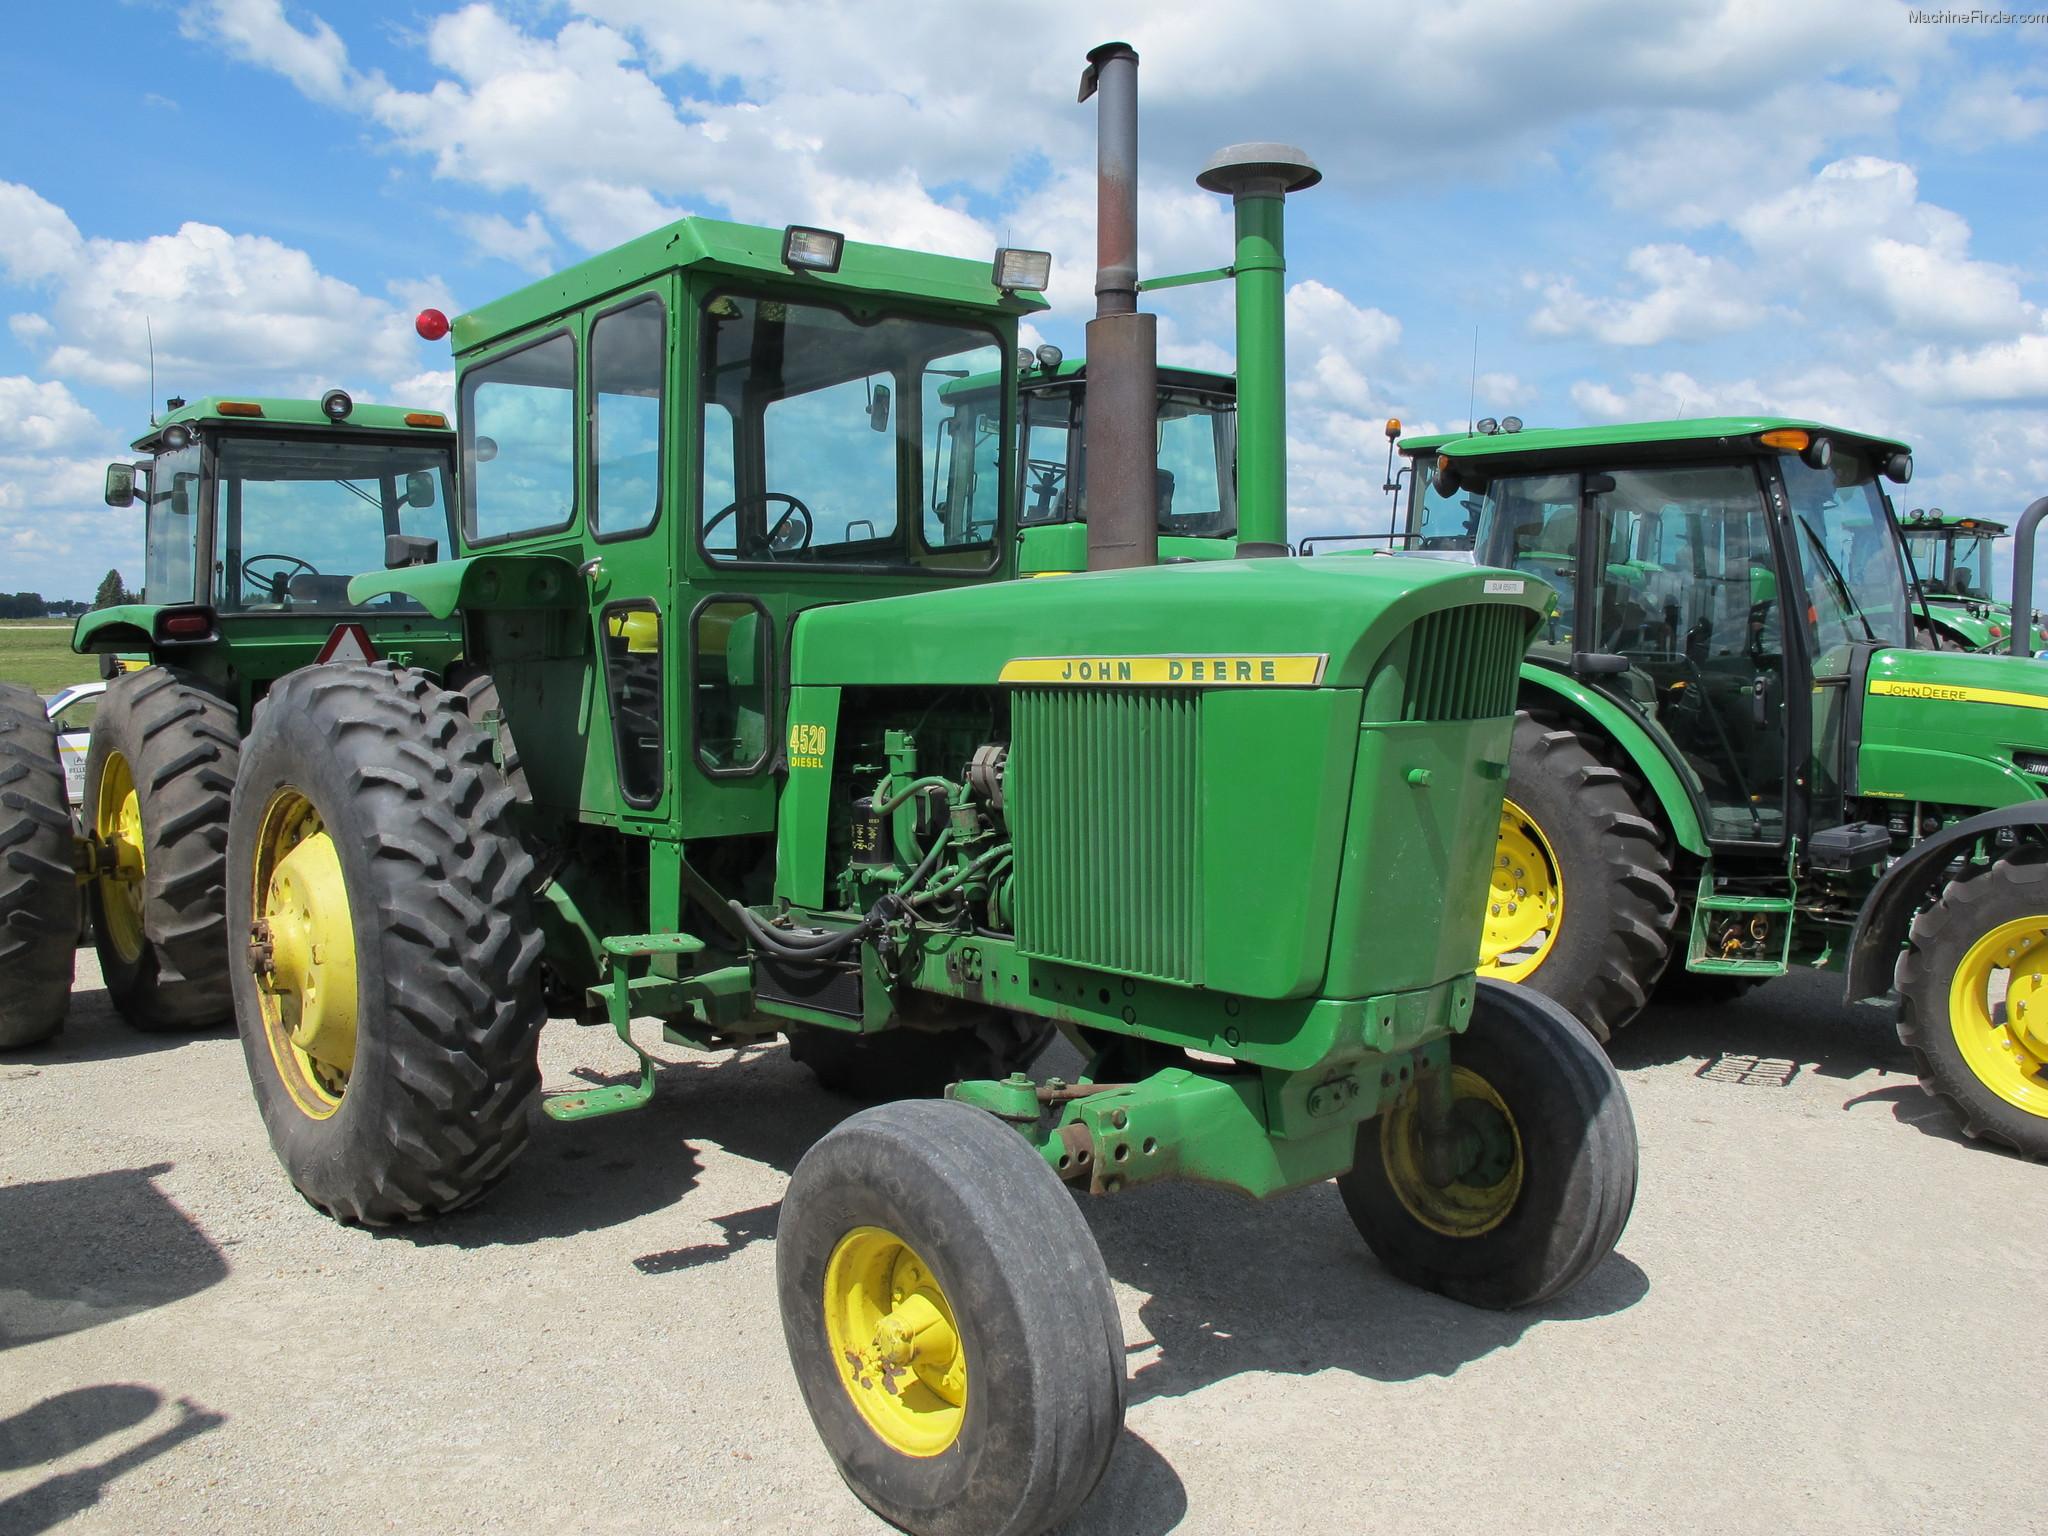 1969 John Deere 4520 Tractors - Row Crop (+100hp) - John ...